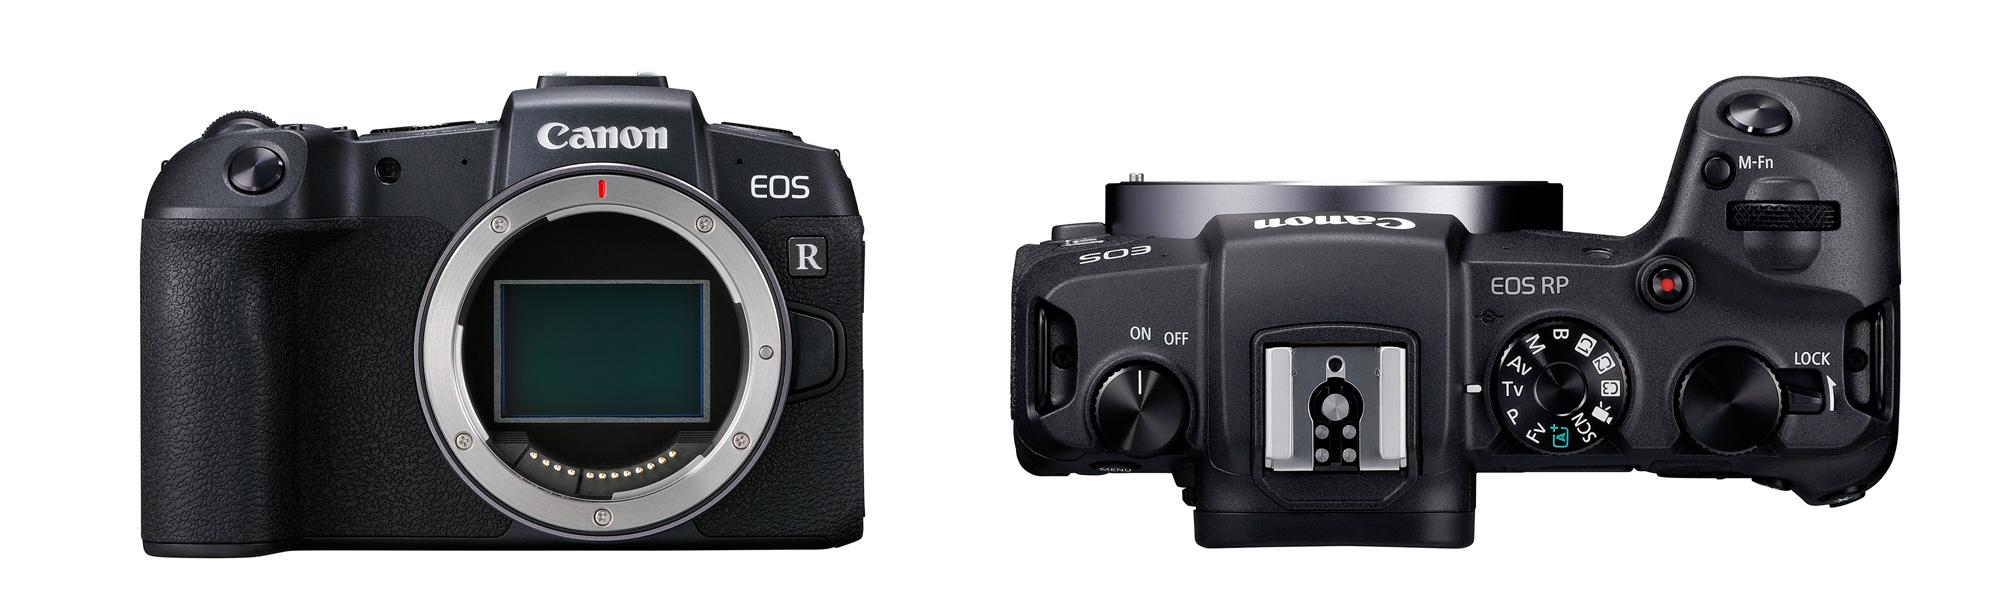 Canon Announces NEW EOS-RP Full-Frame Mirrorless Camera & 6 RF Lenses